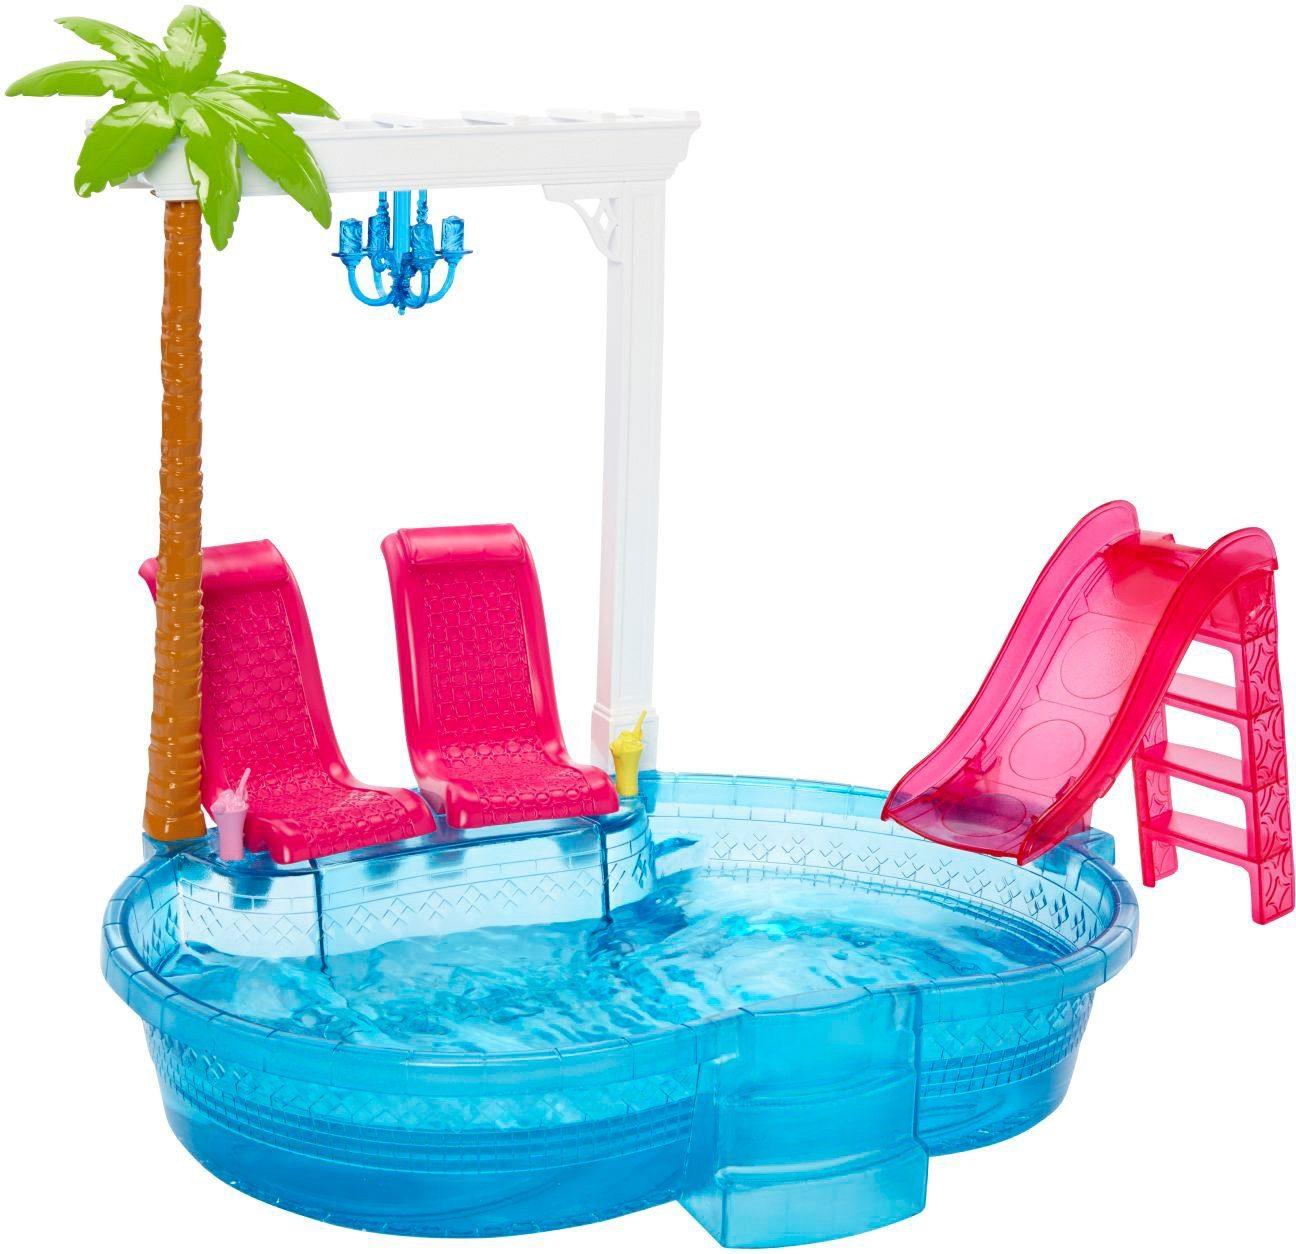 Mattel, Puppen Schwimmbecken, »Barbie Glam Pool!«